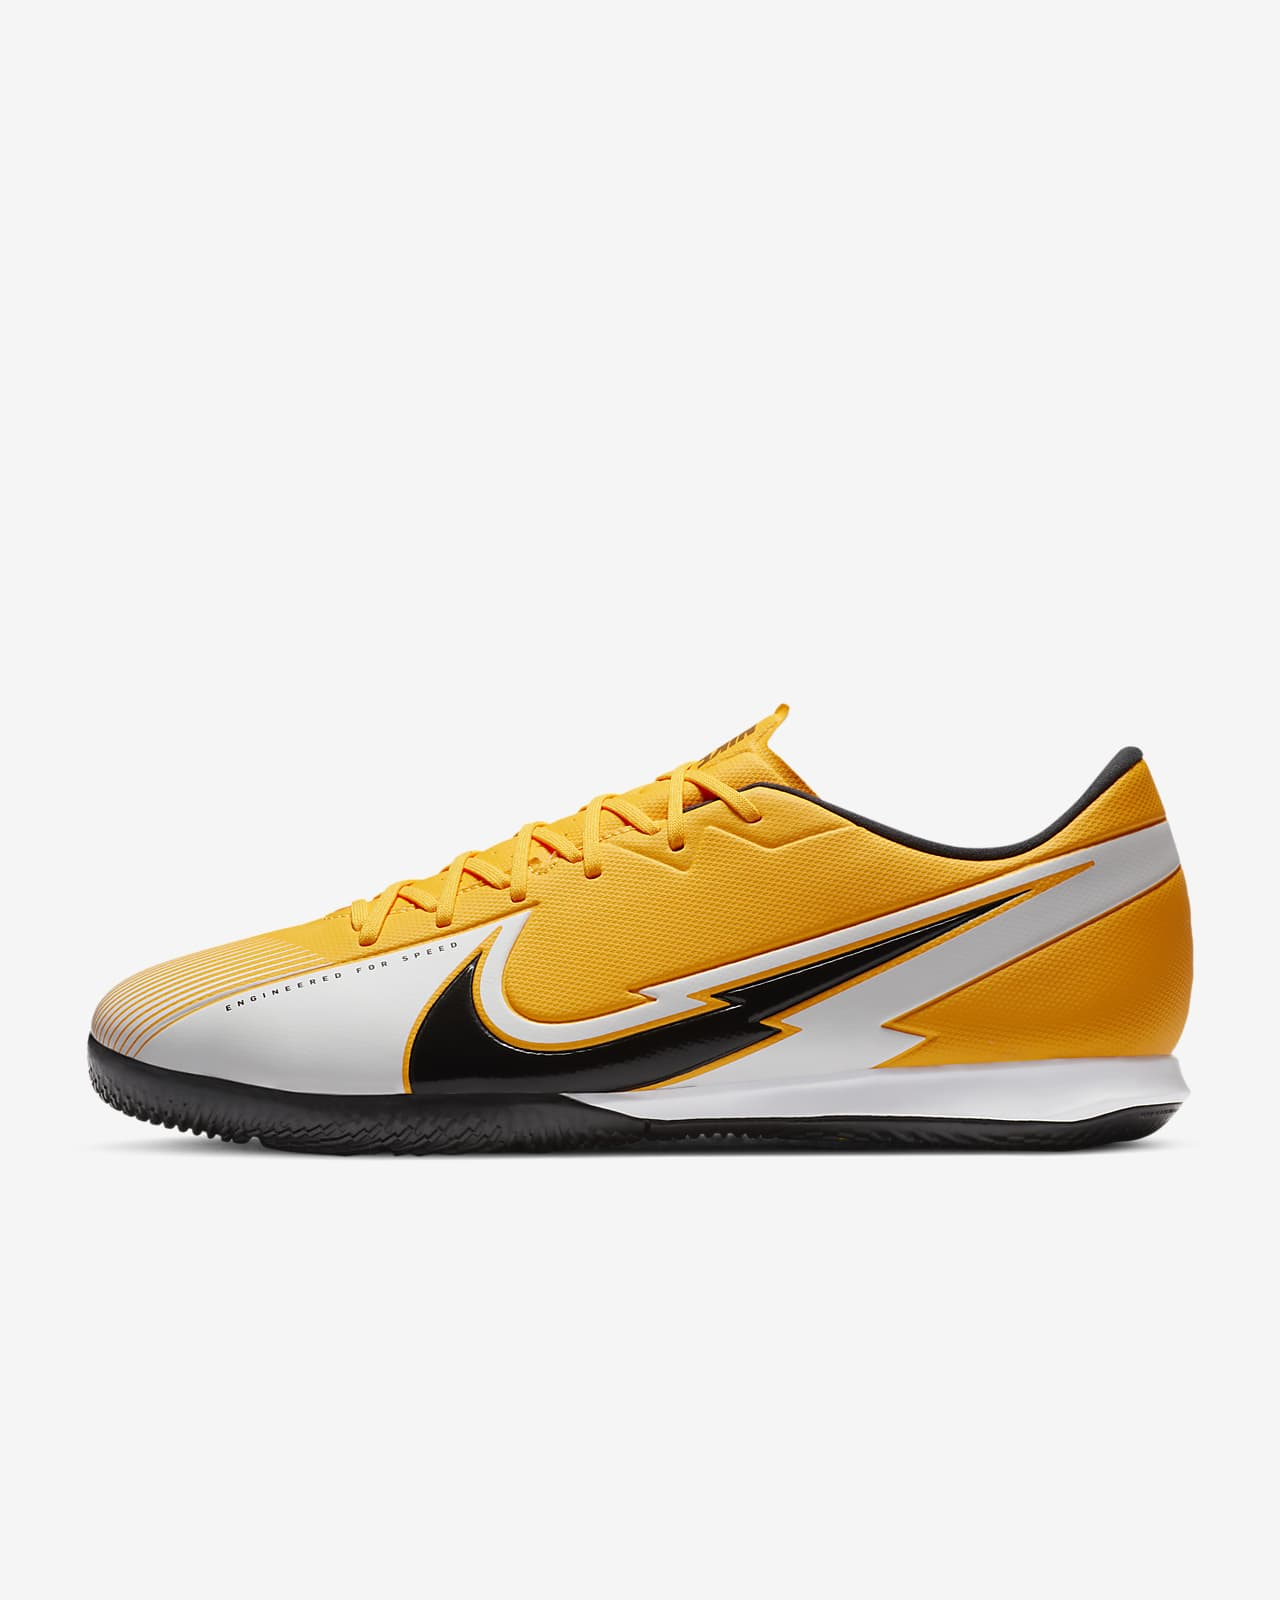 Nike Mercurial Vapor 13 Academy IC fotballsko til innendørsbane/gate